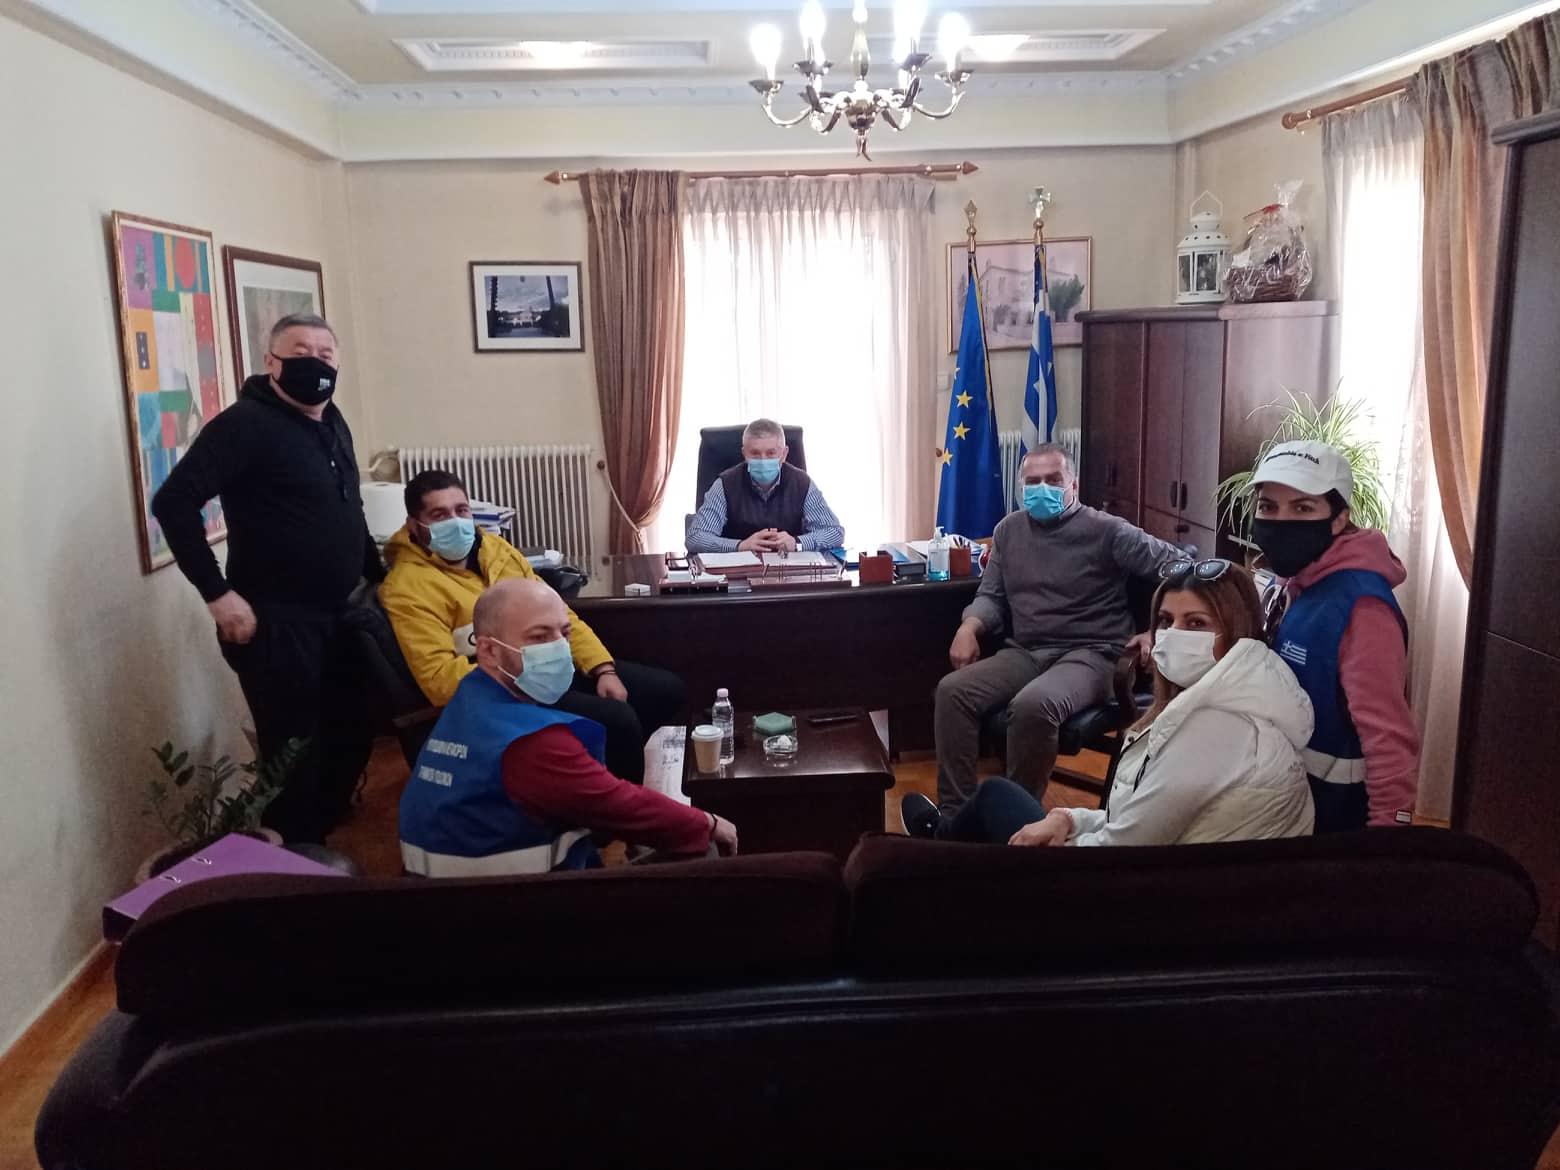 Έλεγχος από ειδικά κλιμάκια για τις υλικές ζημιές των οικιών στο Δήμο Δεσκάτης